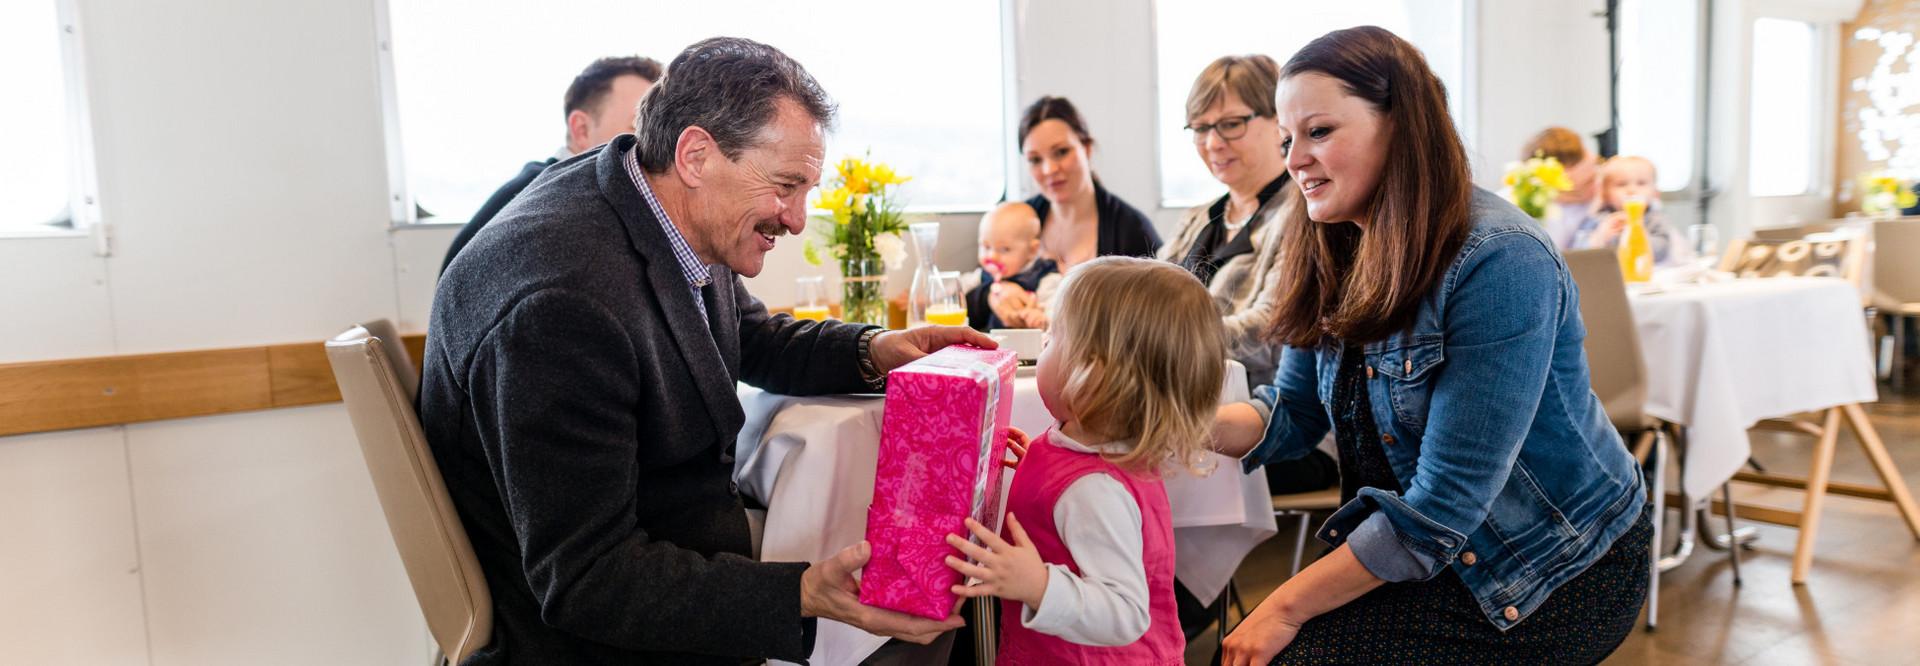 Familiengeburtstagsfeier auf dem Schiff. Ein kleines Mädchen übergibt dem Grossvater ein Geschenk.